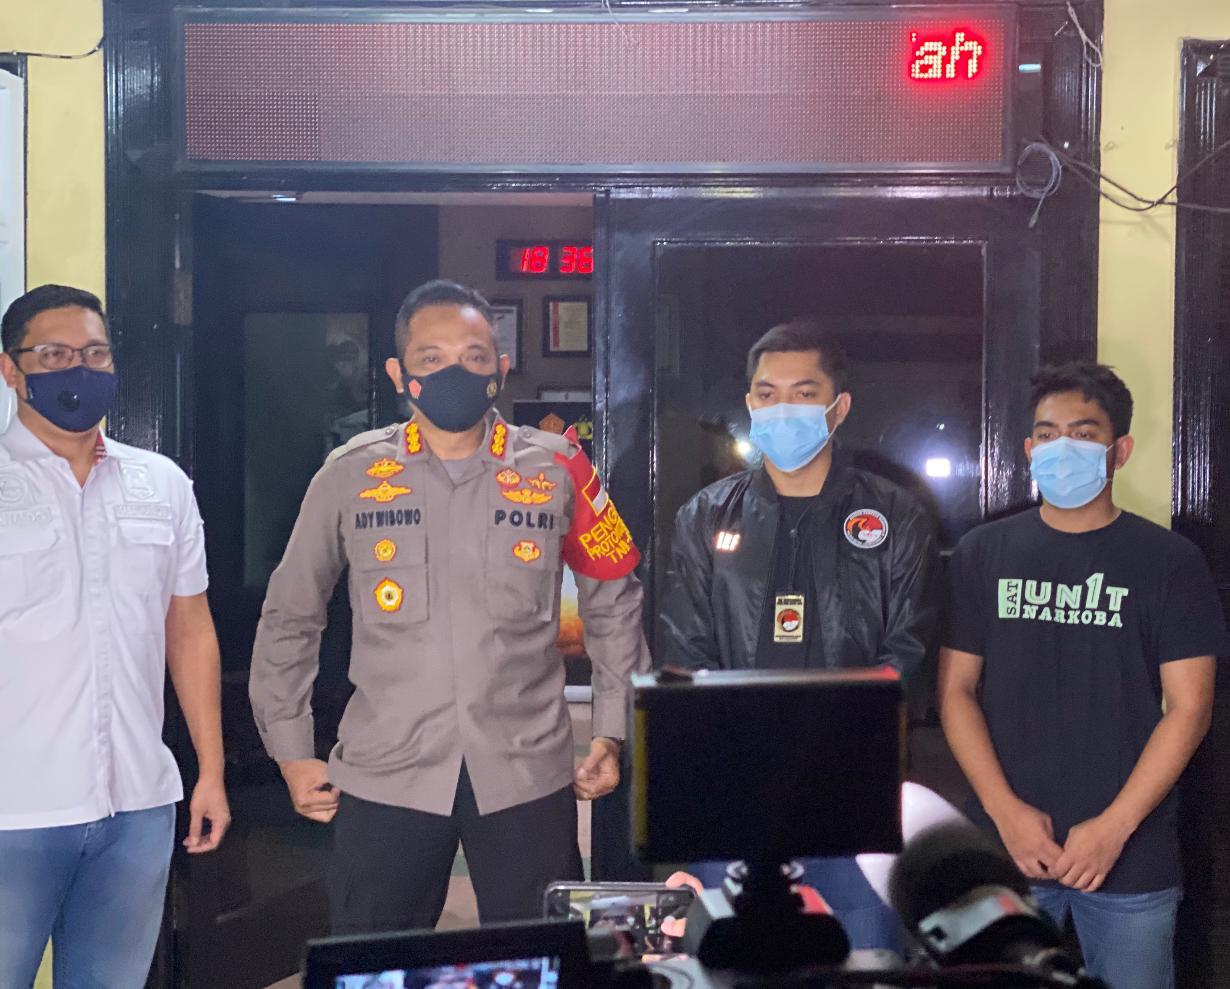 Sat Narkoba Polres Metro Jak-Bar Tangkap Aktor Pesinetron sekaligus Model Terkait Penyalahgunaan Narkotika